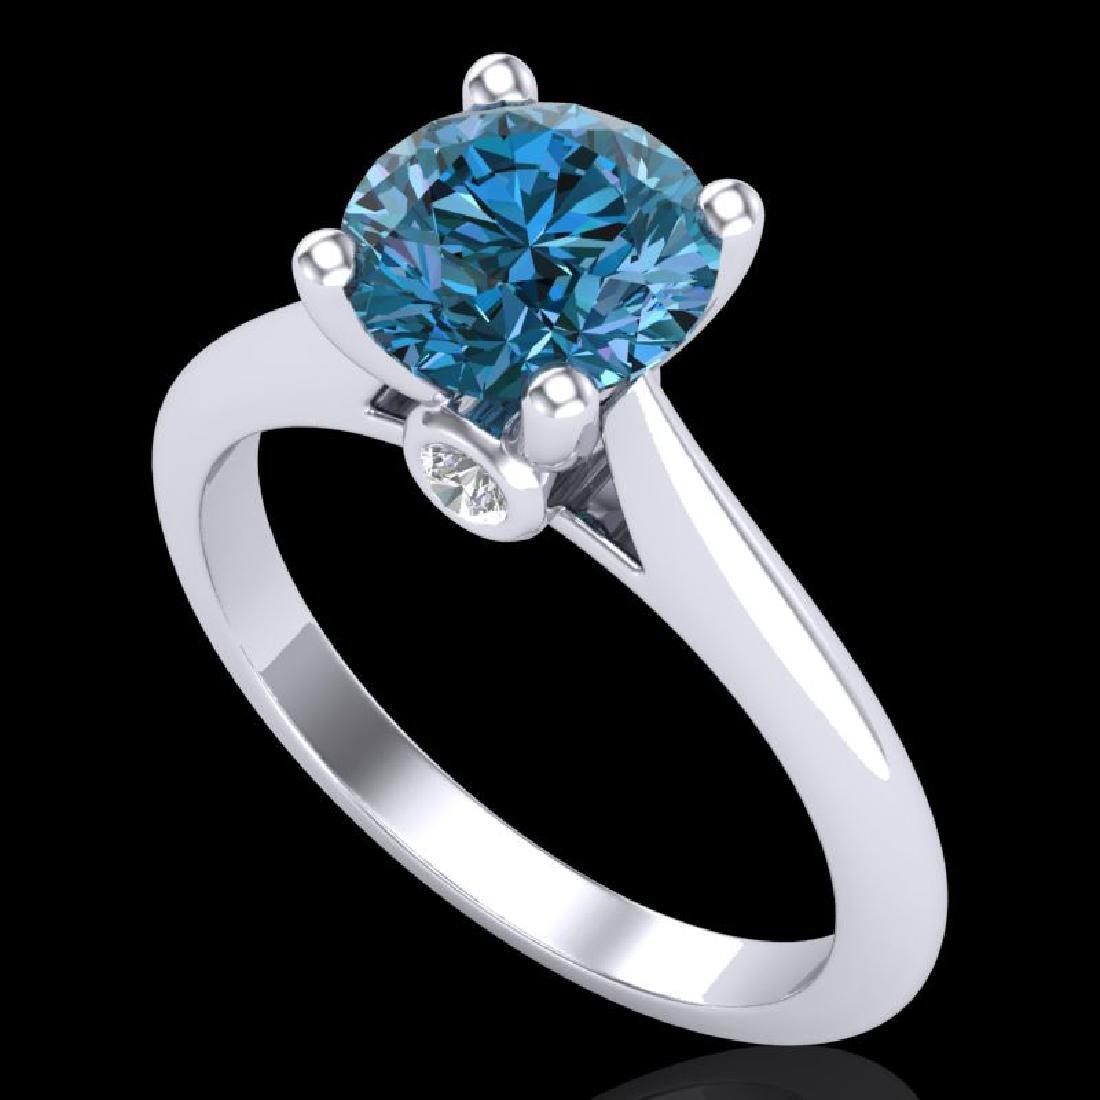 1.6 CTW Intense Blue Diamond Solitaire Engagement Art